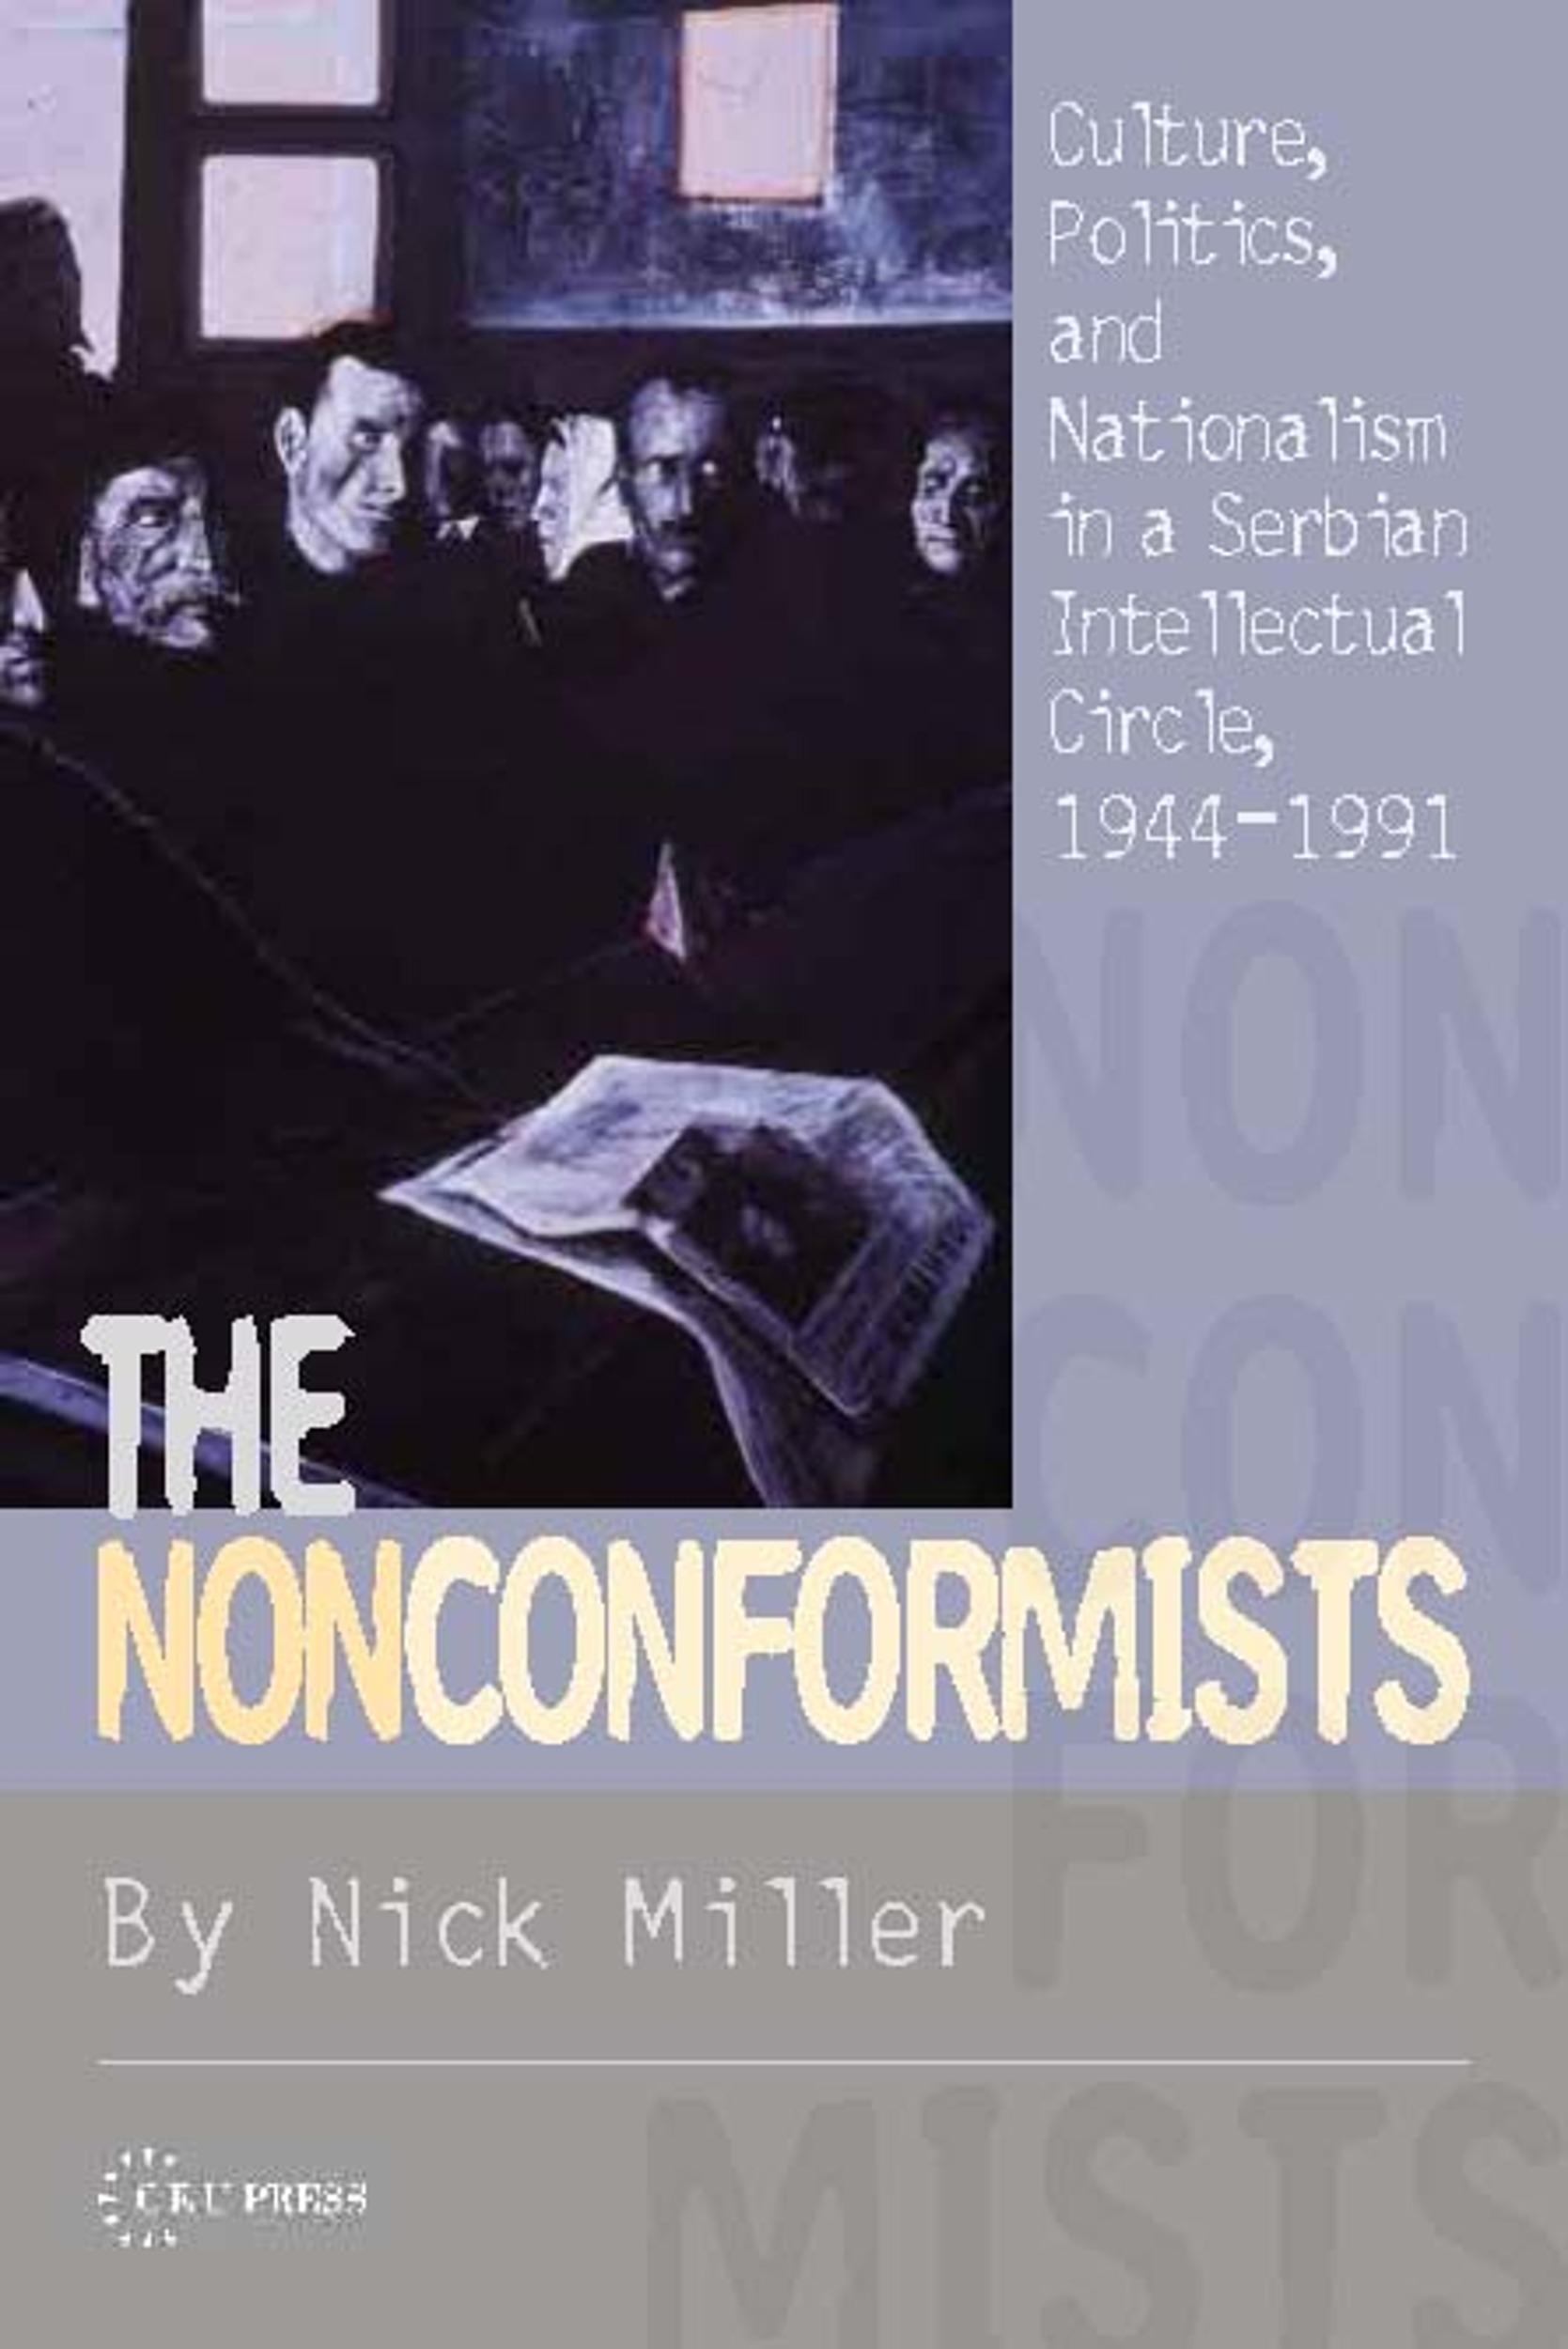 The Nonconformists